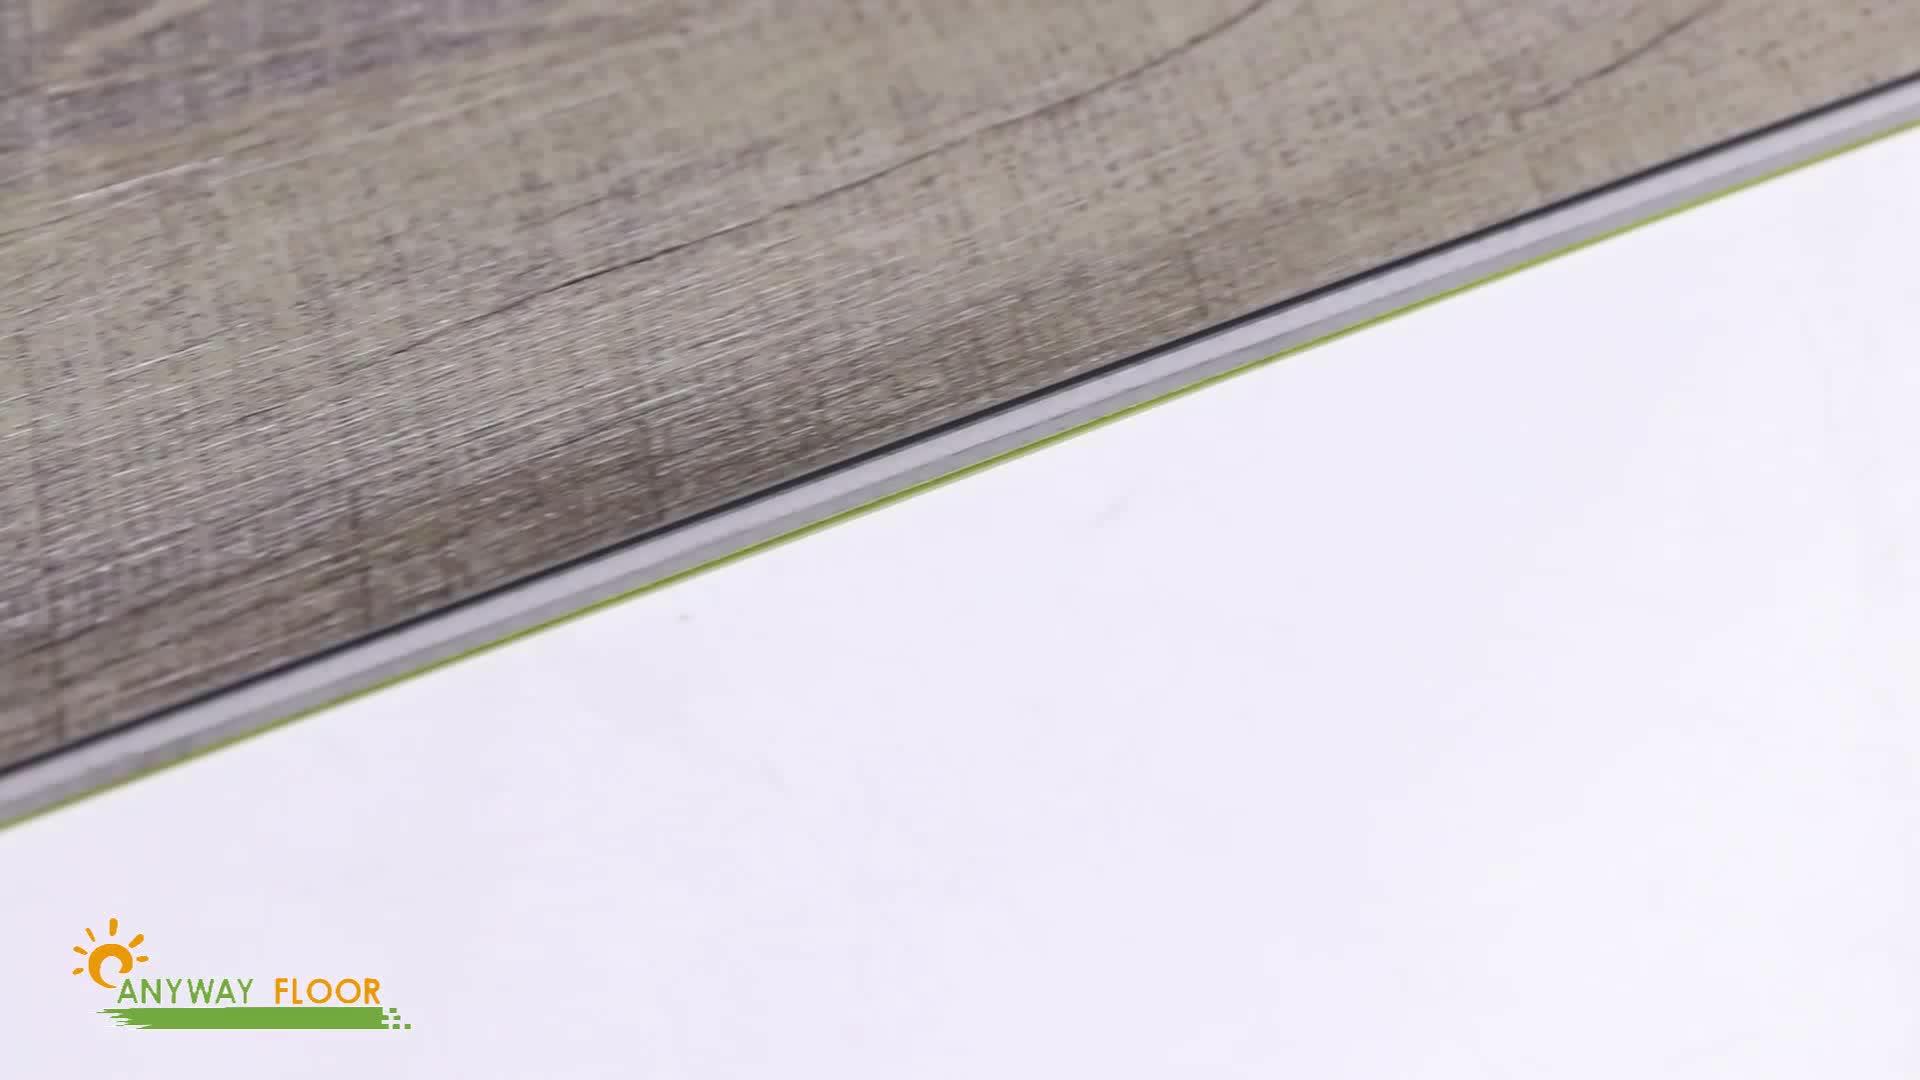 SPC 3.5mm Click Vinyl Floor For Living Room Rigid Core